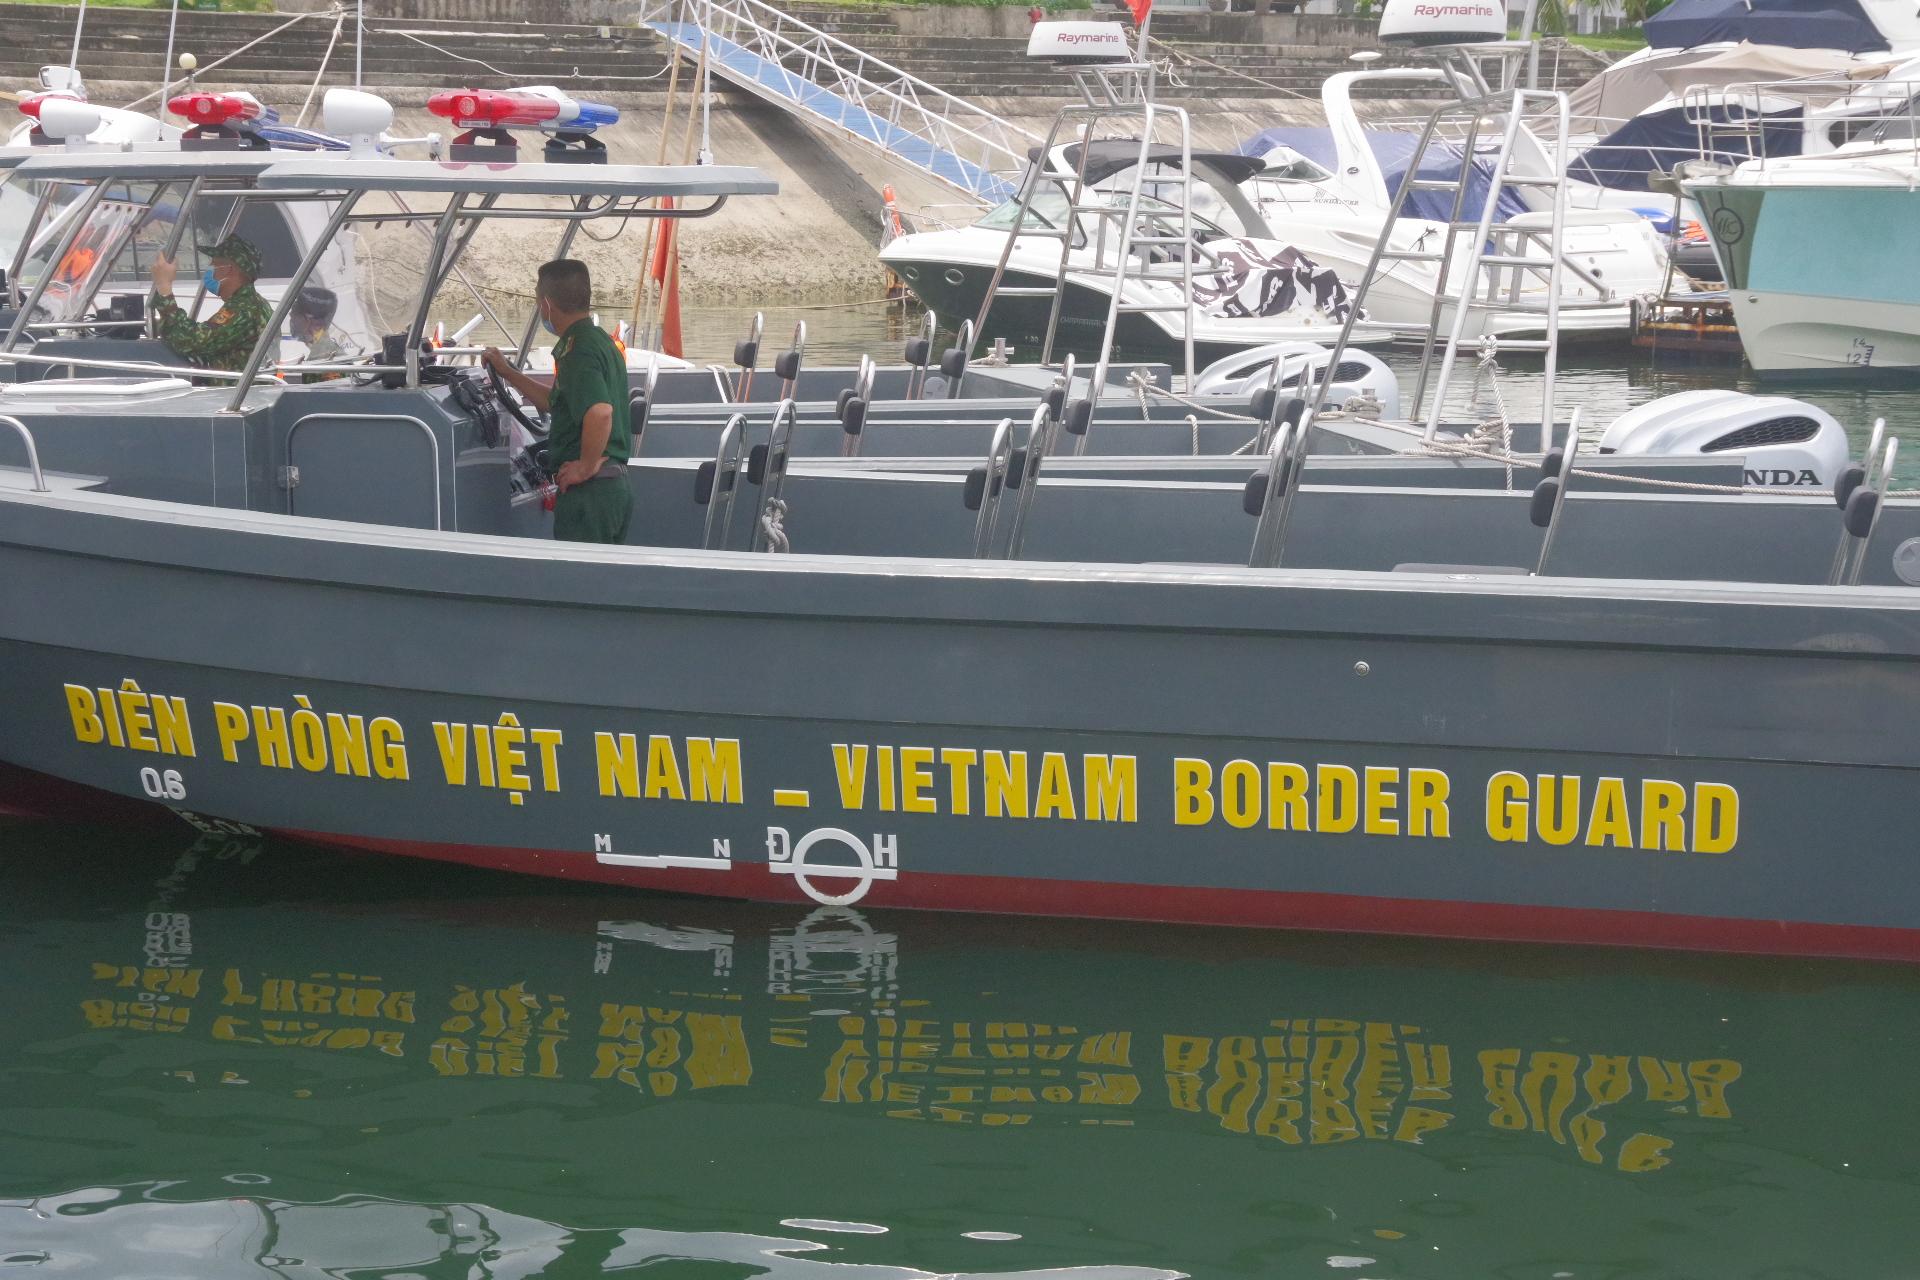 Bàn giao 04 tàu tuần tra RIB 35 cho Bộ chỉ huy Bộ Đội Biên Phòng tỉnh Quảng Ninh.